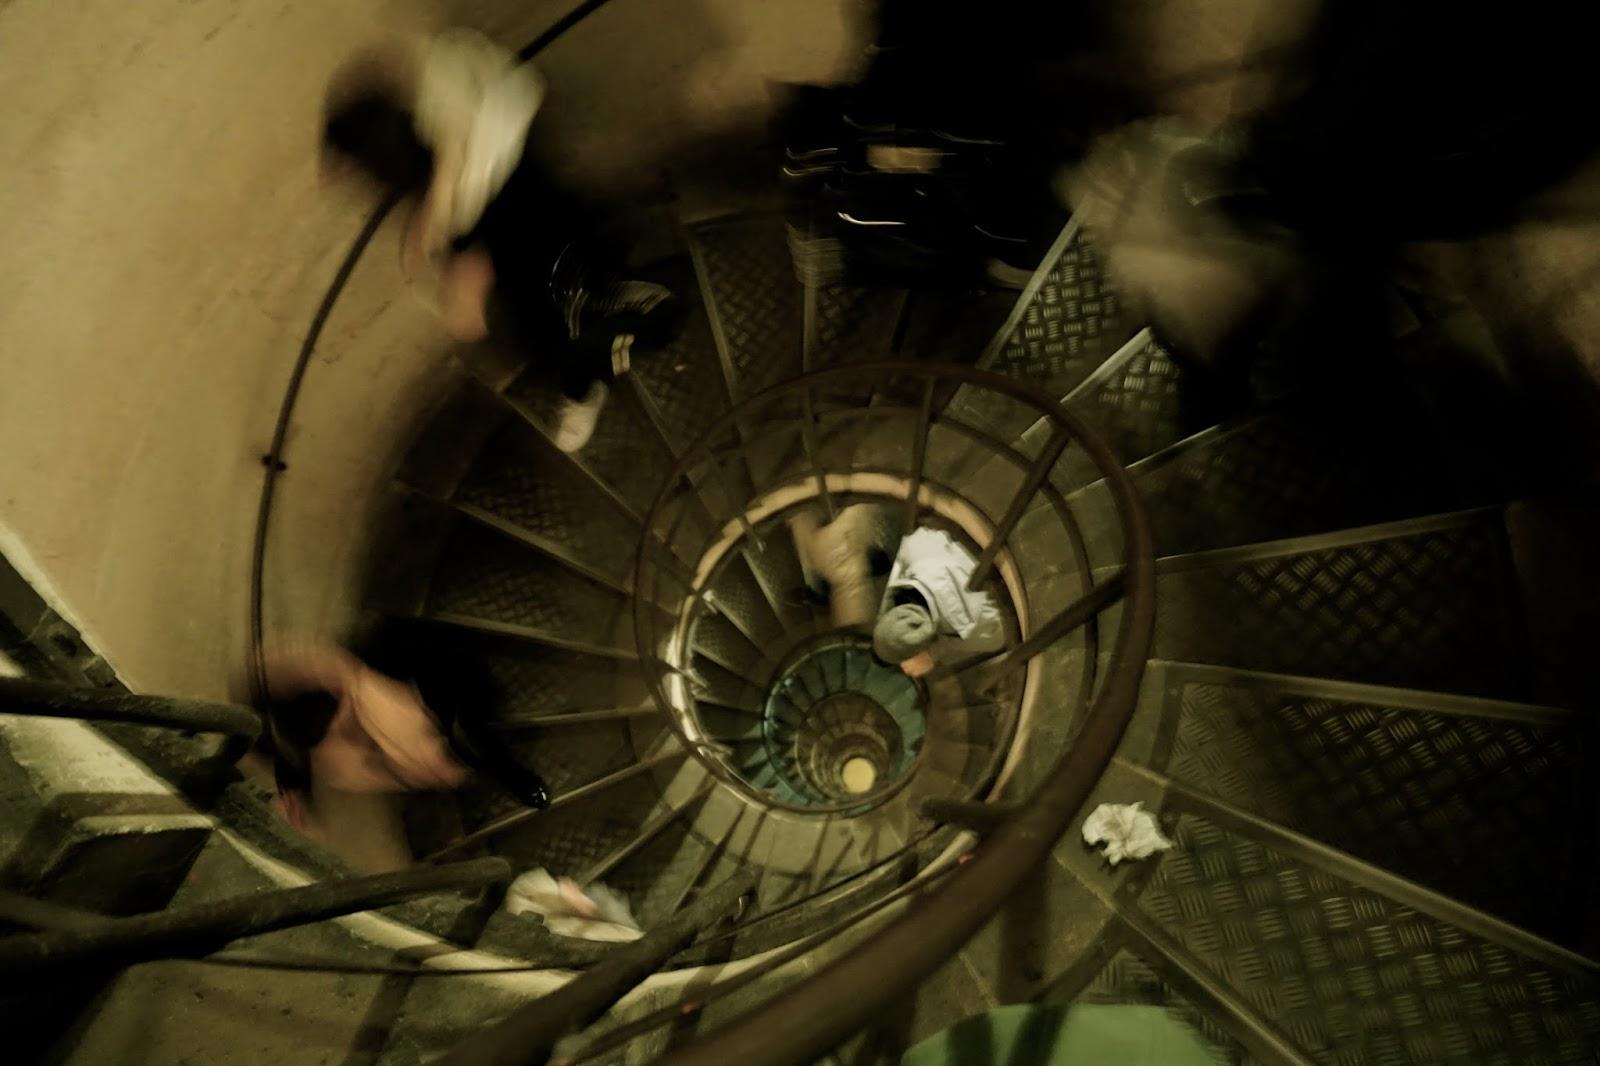 エトワールの凱旋門(Arc de triomphe de l'Étoile) 螺旋階段